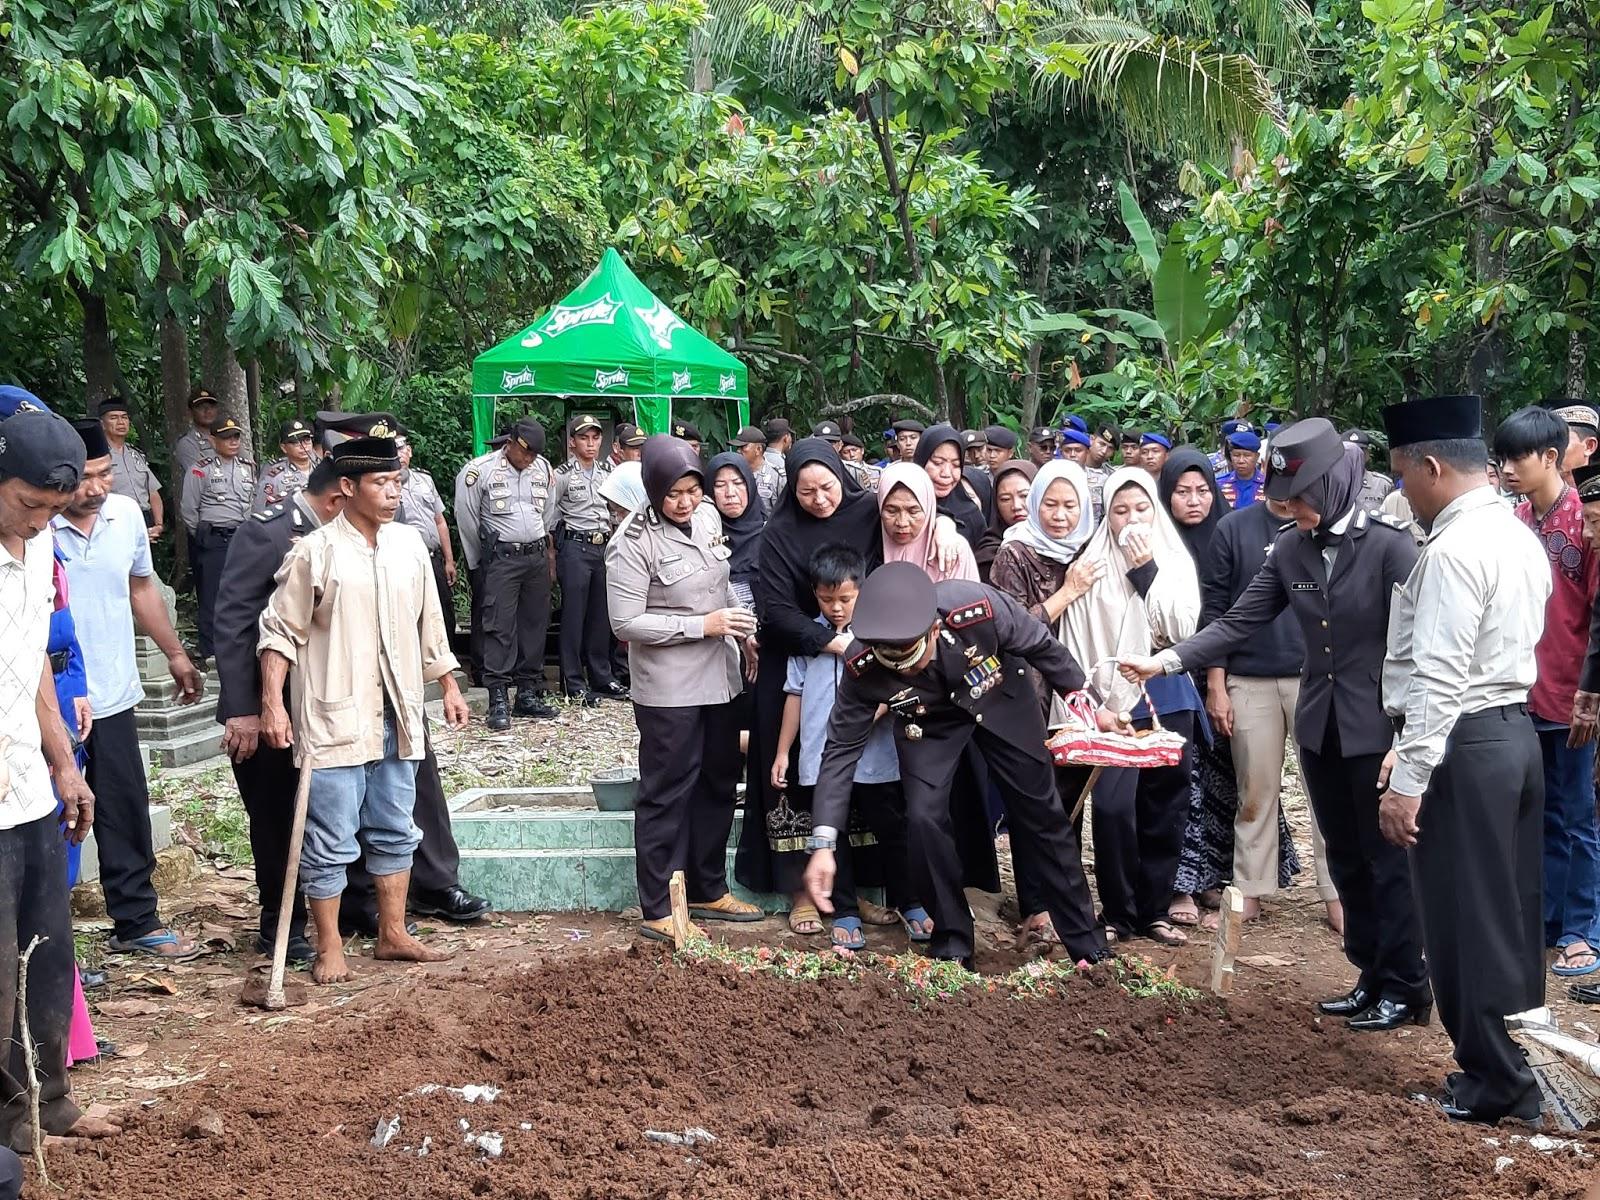 Sambil Terisak Pimpin Pemakaman Yaya Sudrajat, M. Syarhan: 3 Hari 3 Malam Beliau Evakuasi Korban Tsunami di Pulau